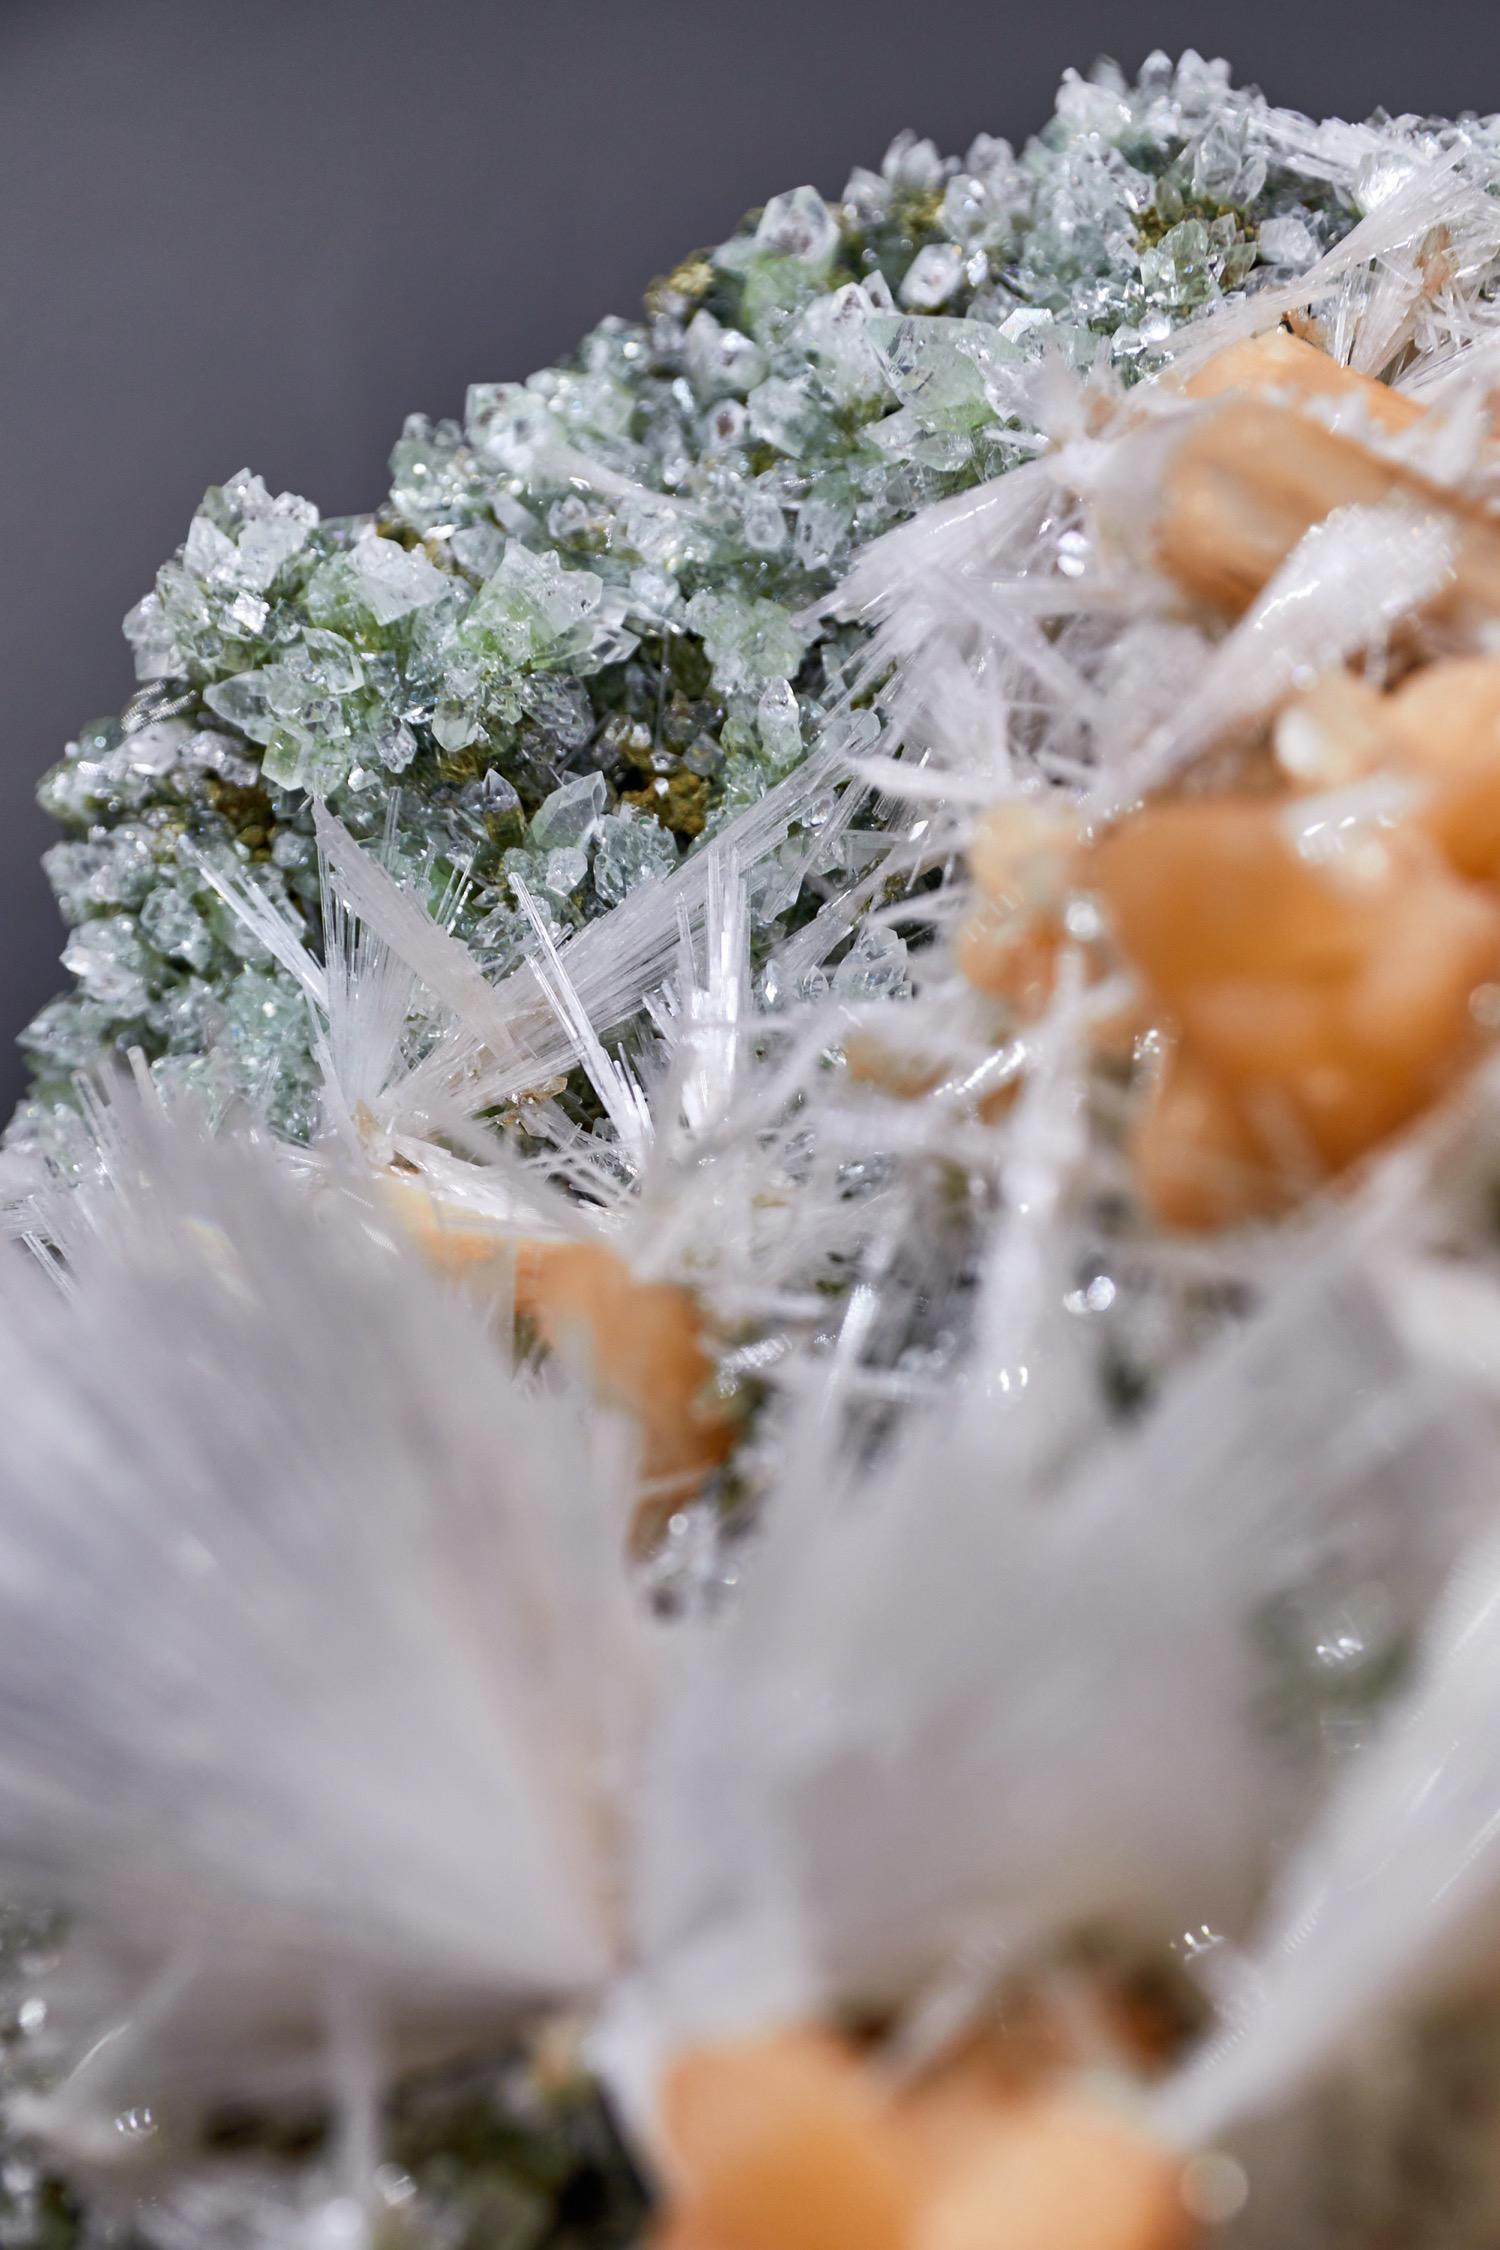 Mineralienhotel - Chalcedony - Stibnite - Heulandite - Jalgaon - India